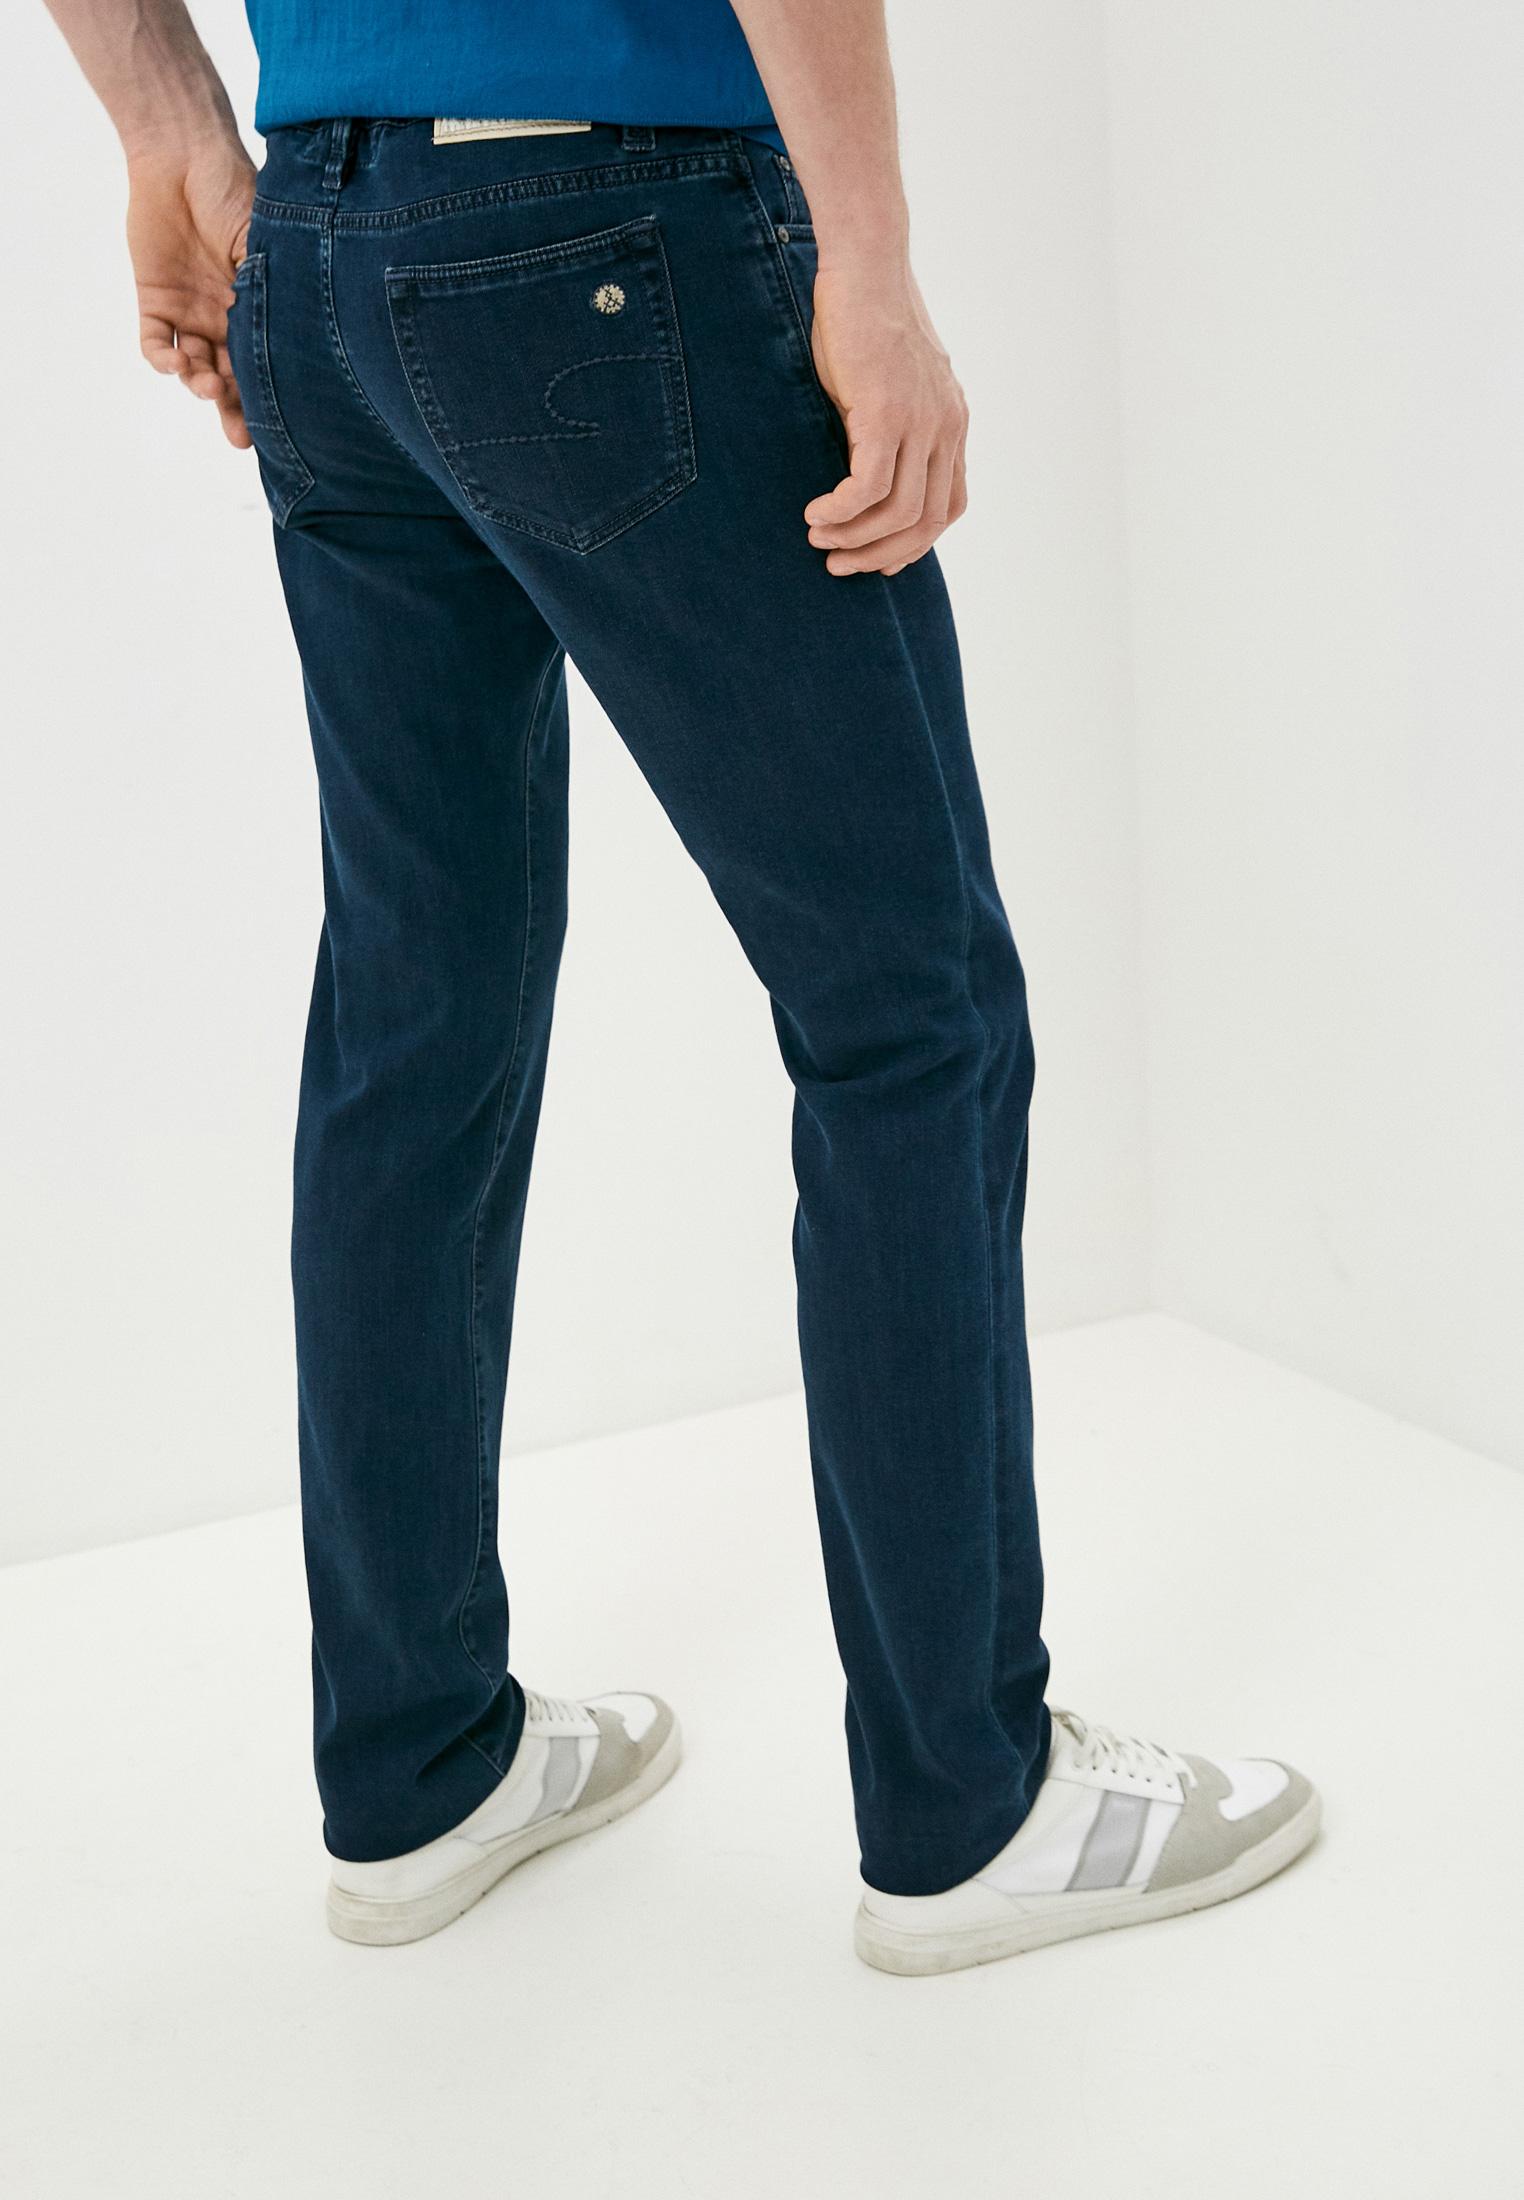 Зауженные джинсы Cortigiani 113530: изображение 4